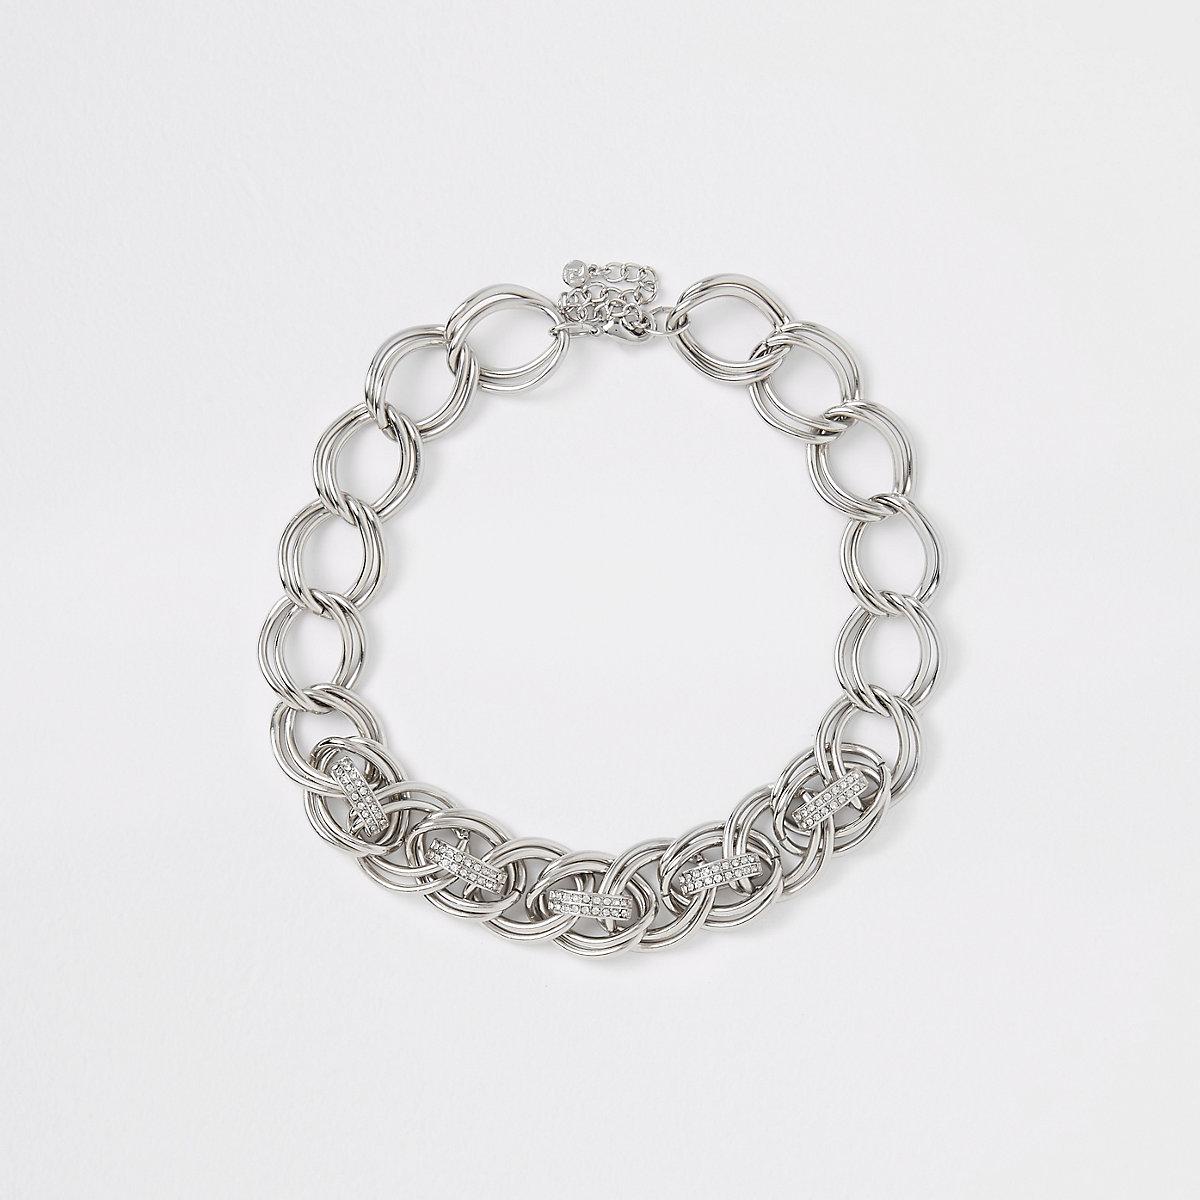 Silver colour diamante pave link necklace